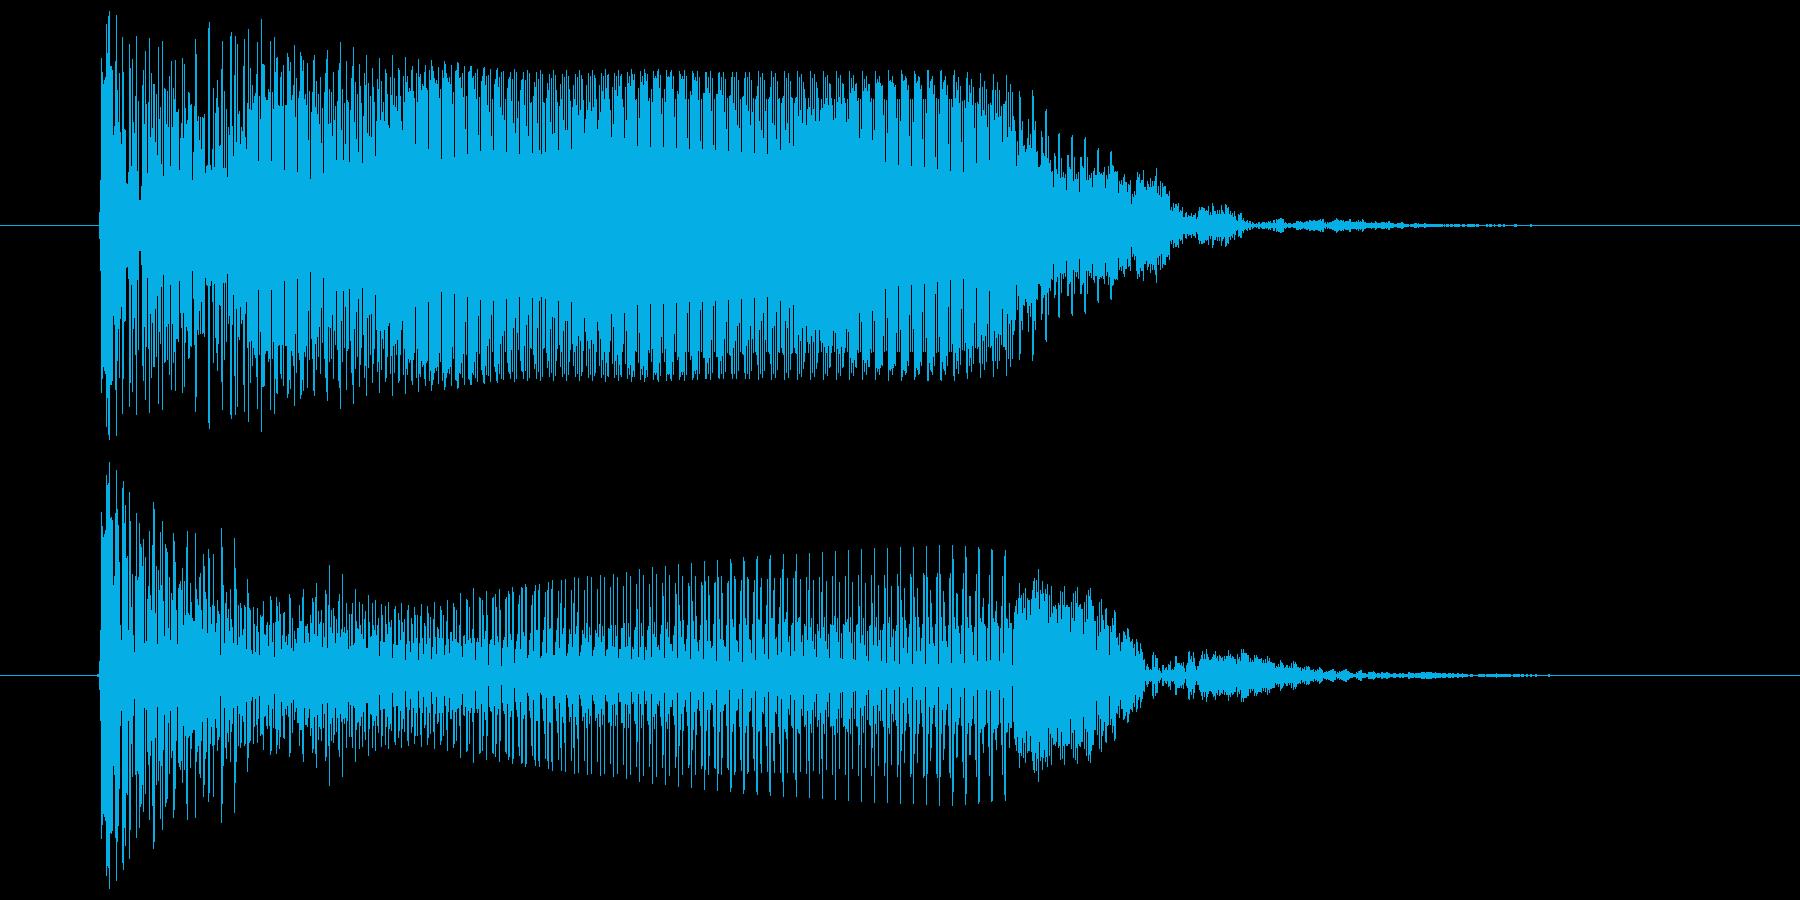 カウント ブー ぶー アラームやレーダーの再生済みの波形